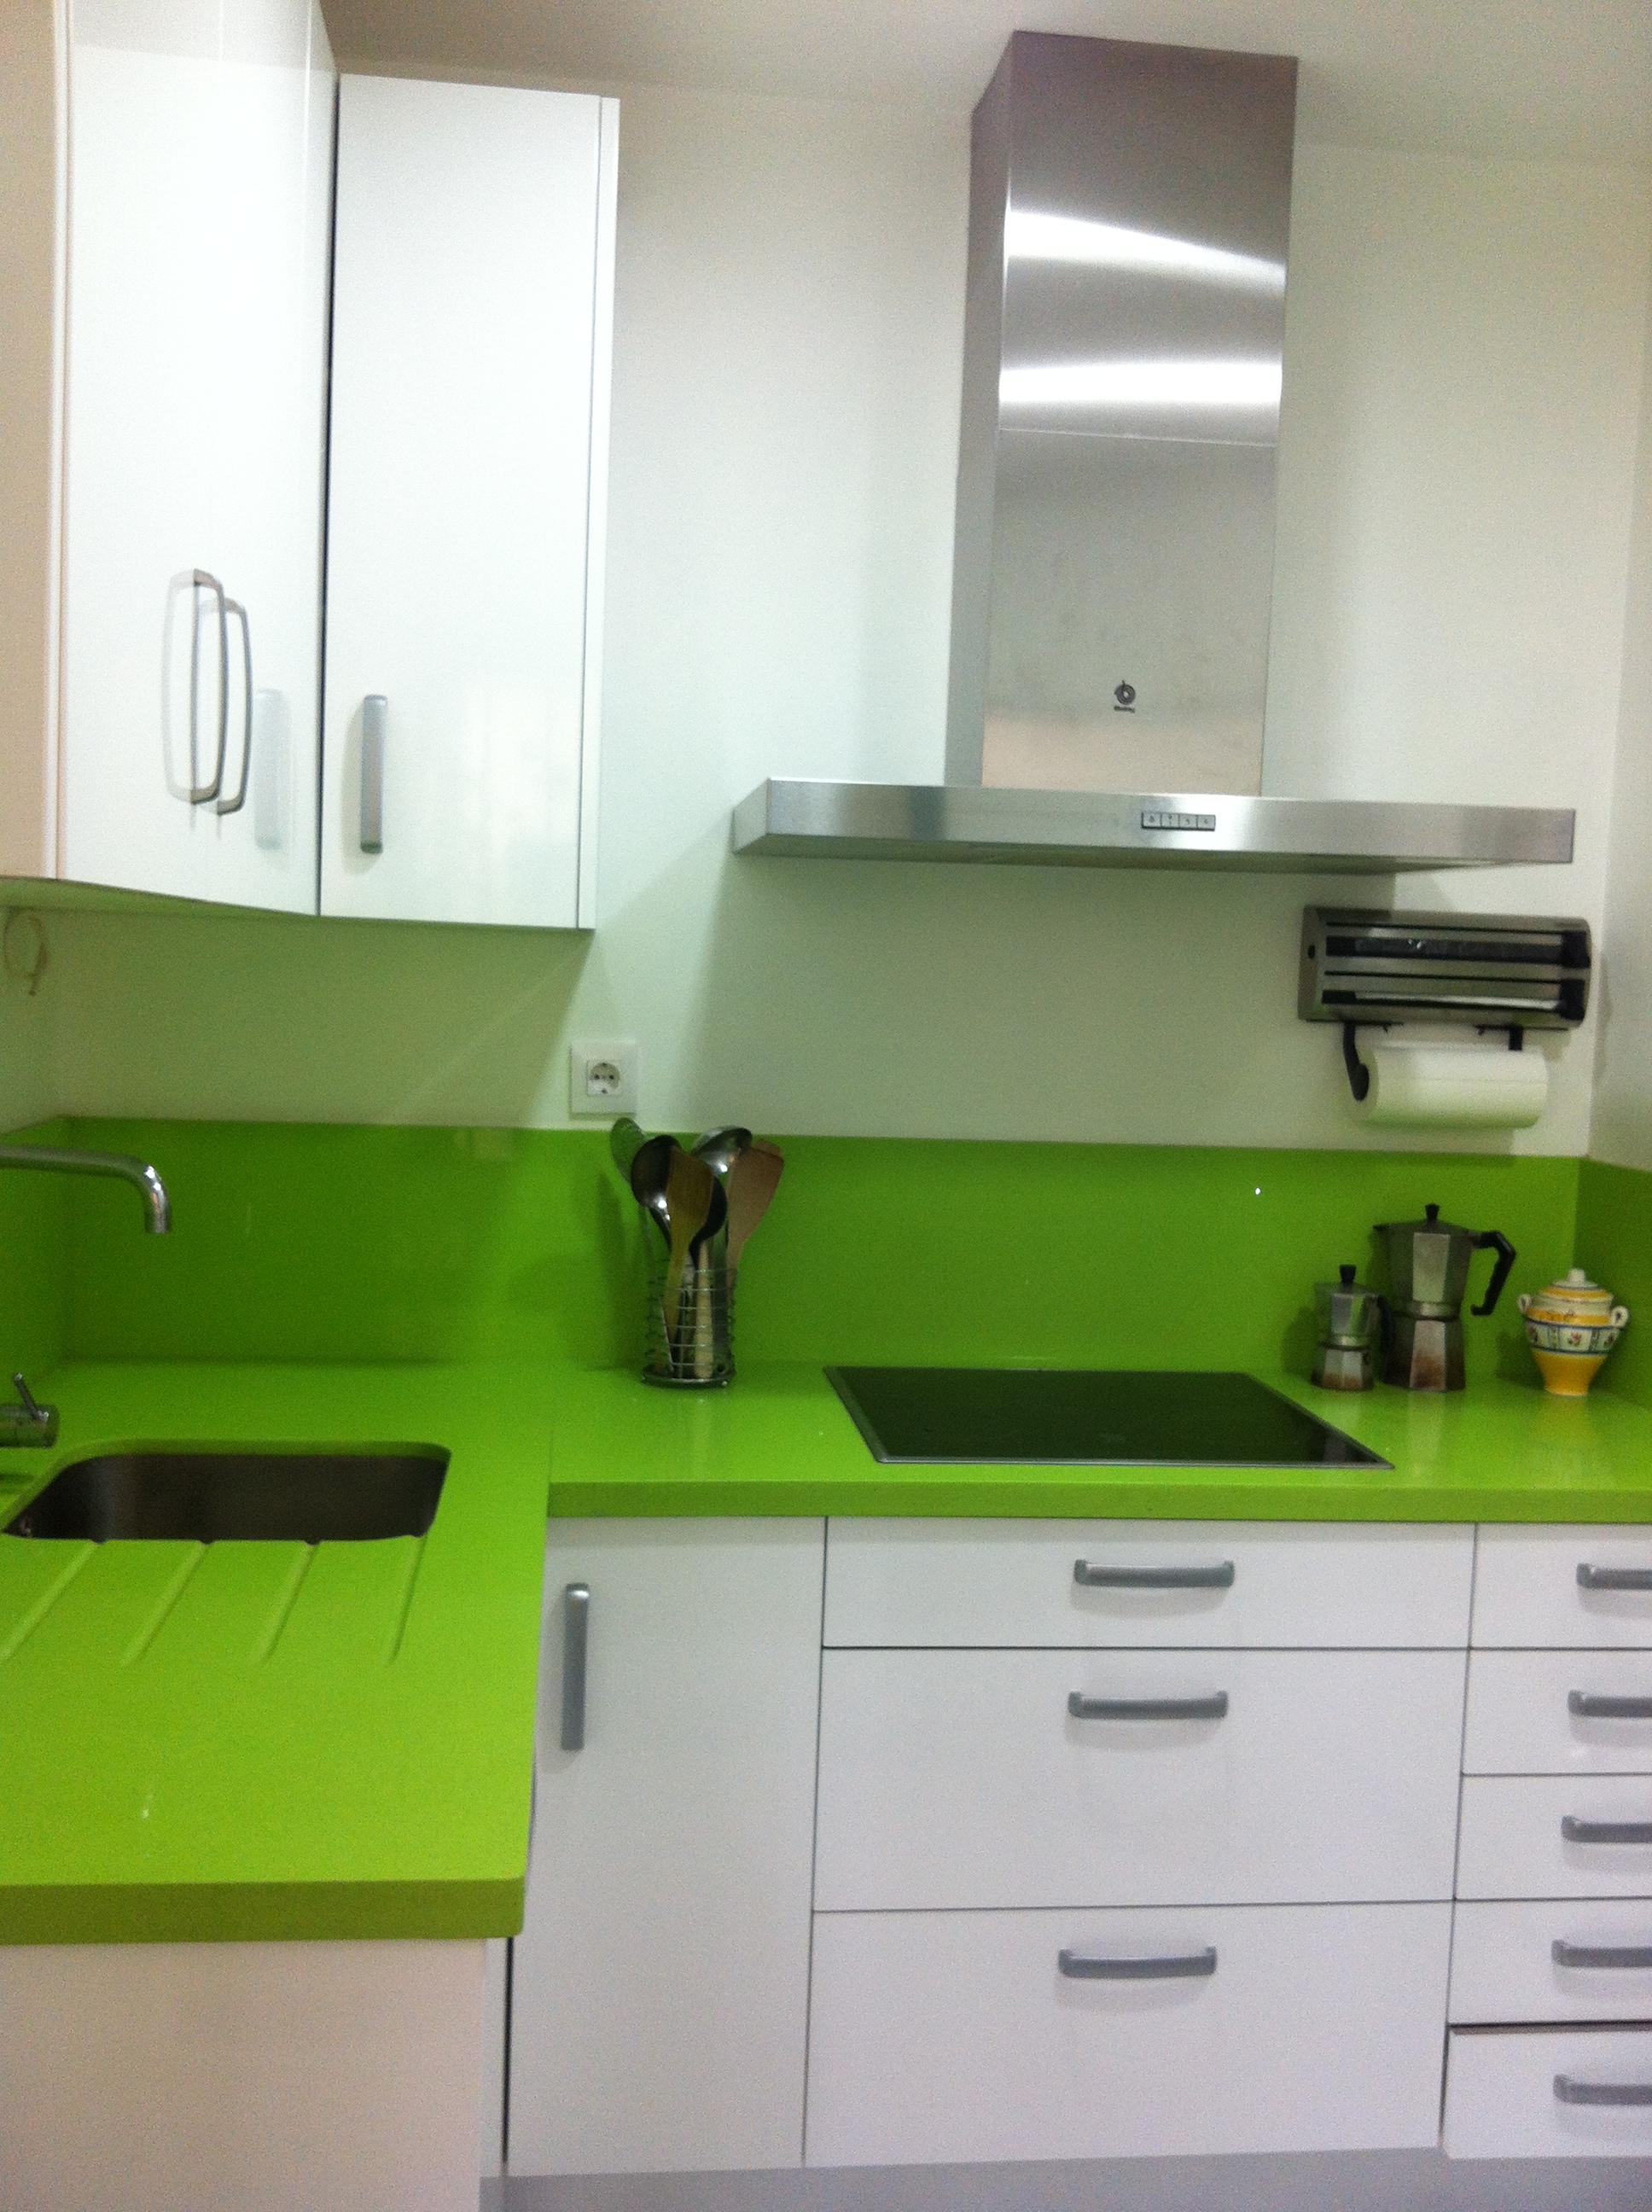 Nuestras cocinas  Seleccin Cocinas  Tienda de cocinas